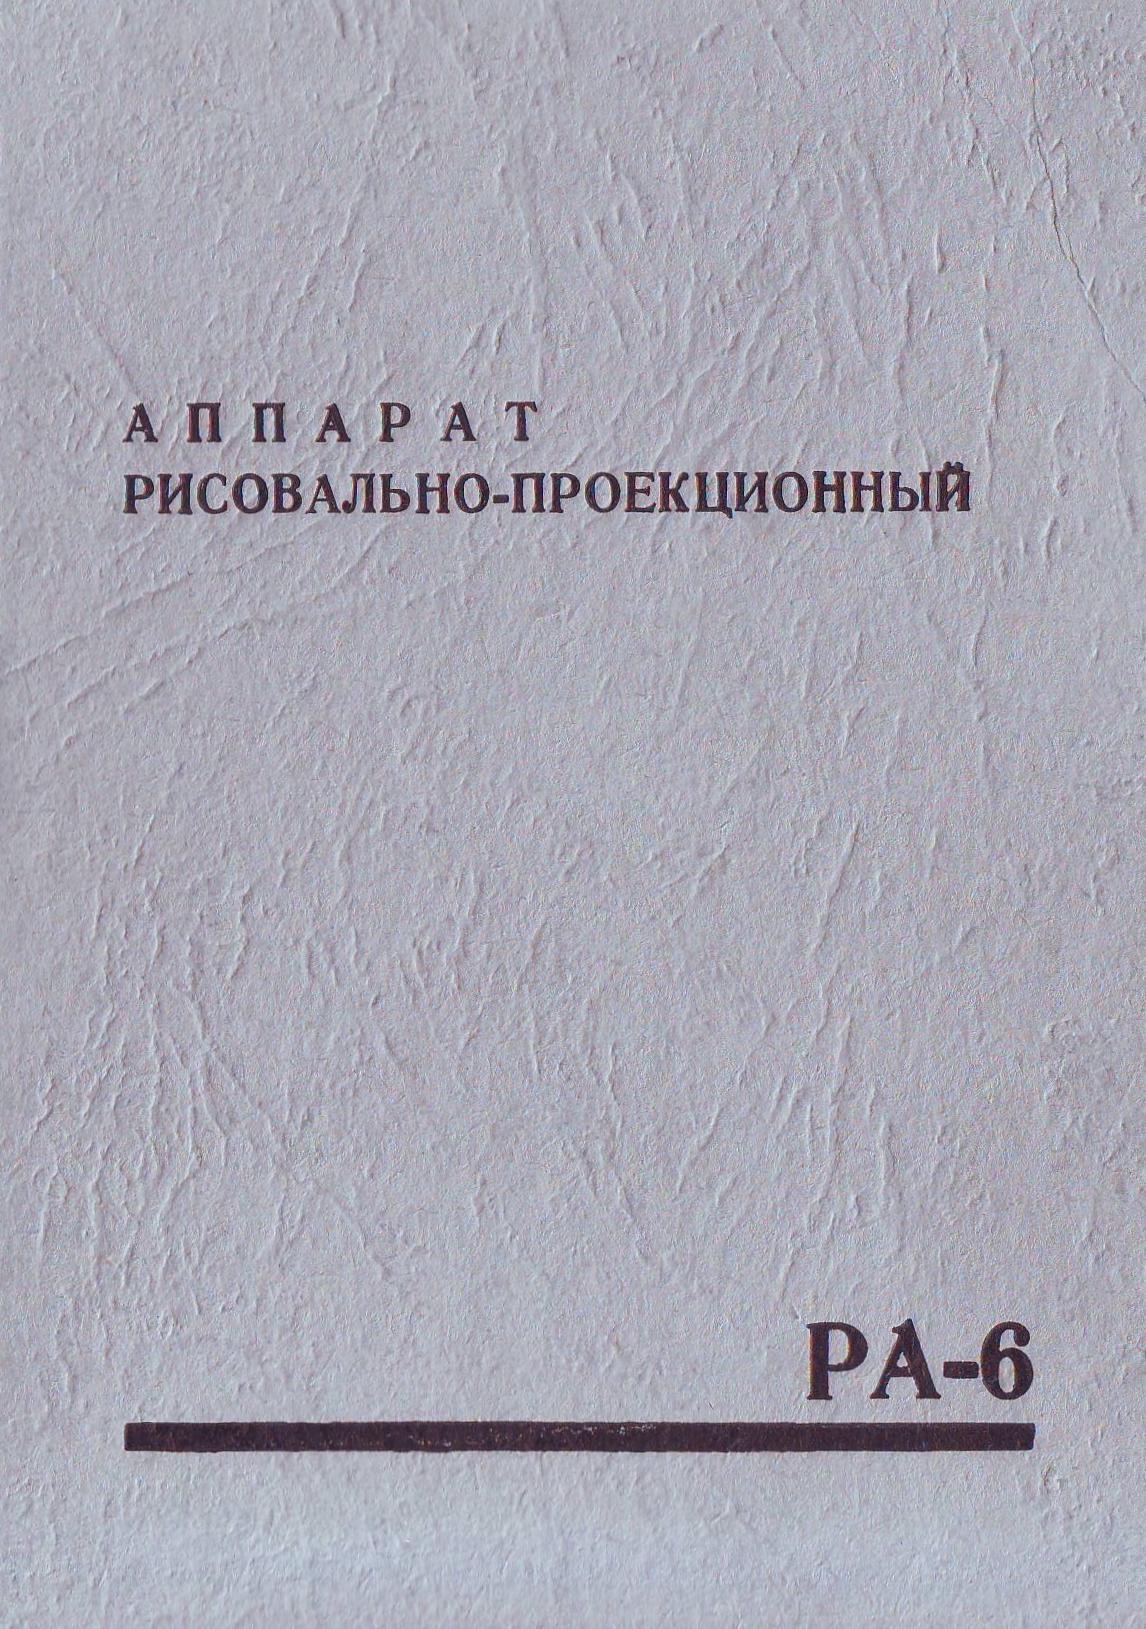 рисовально-проекционный аппарат РА-6 инструкция